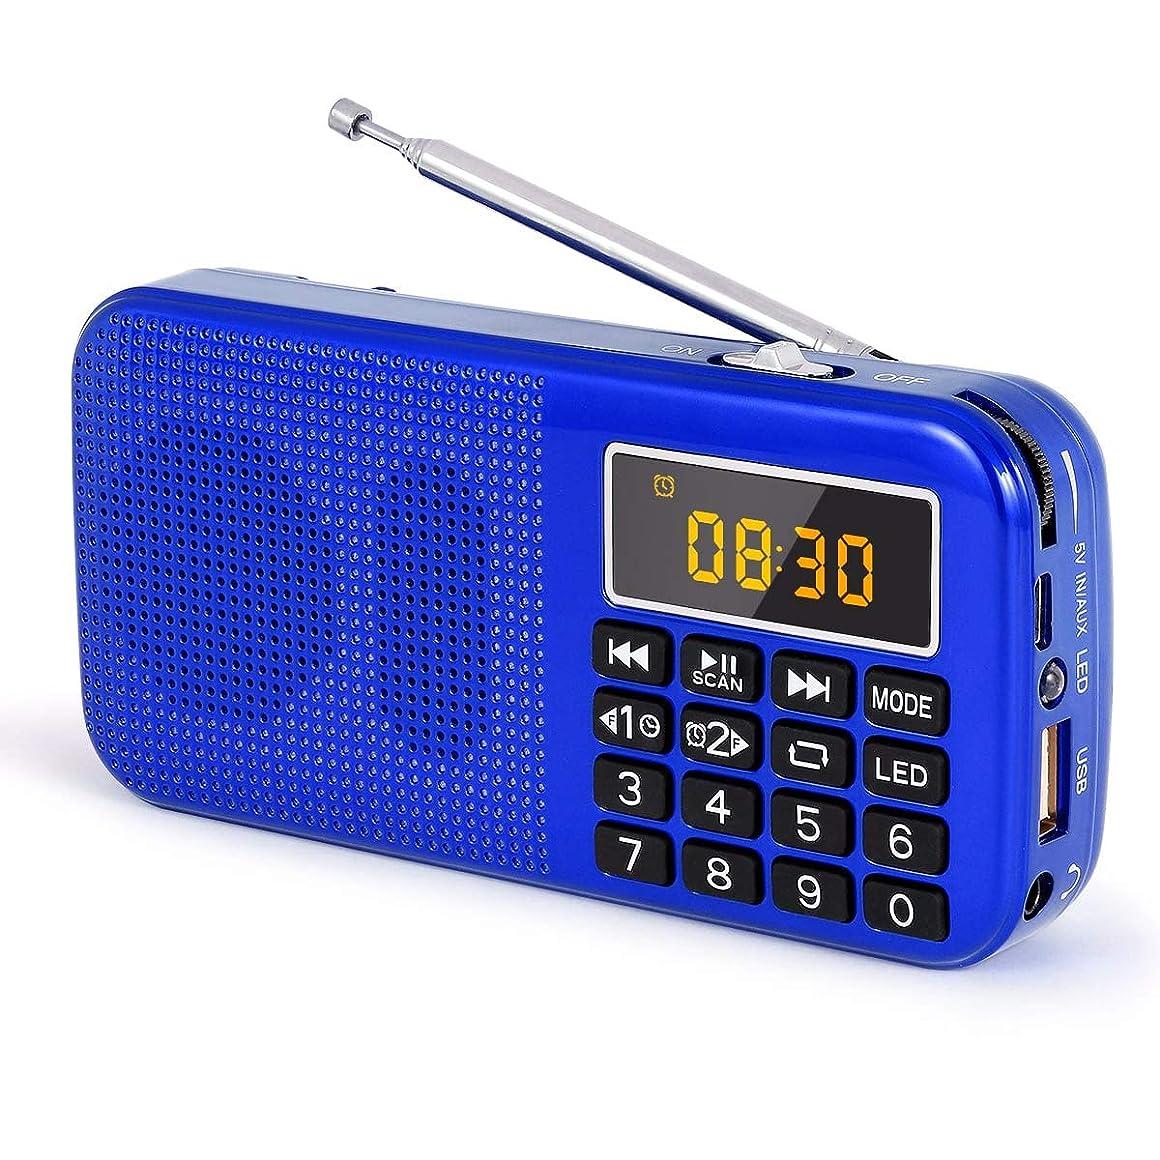 いわゆる検出器平野Gemean J-725Cポータブル アラームクロックラジオ, 大容量(3000mAH)充電式バッテリー ポータブル ワイド FM SD USB MP3 フラッシュライト機能付き。30時間連続再生。放送局を自動保存(手動ではありません)